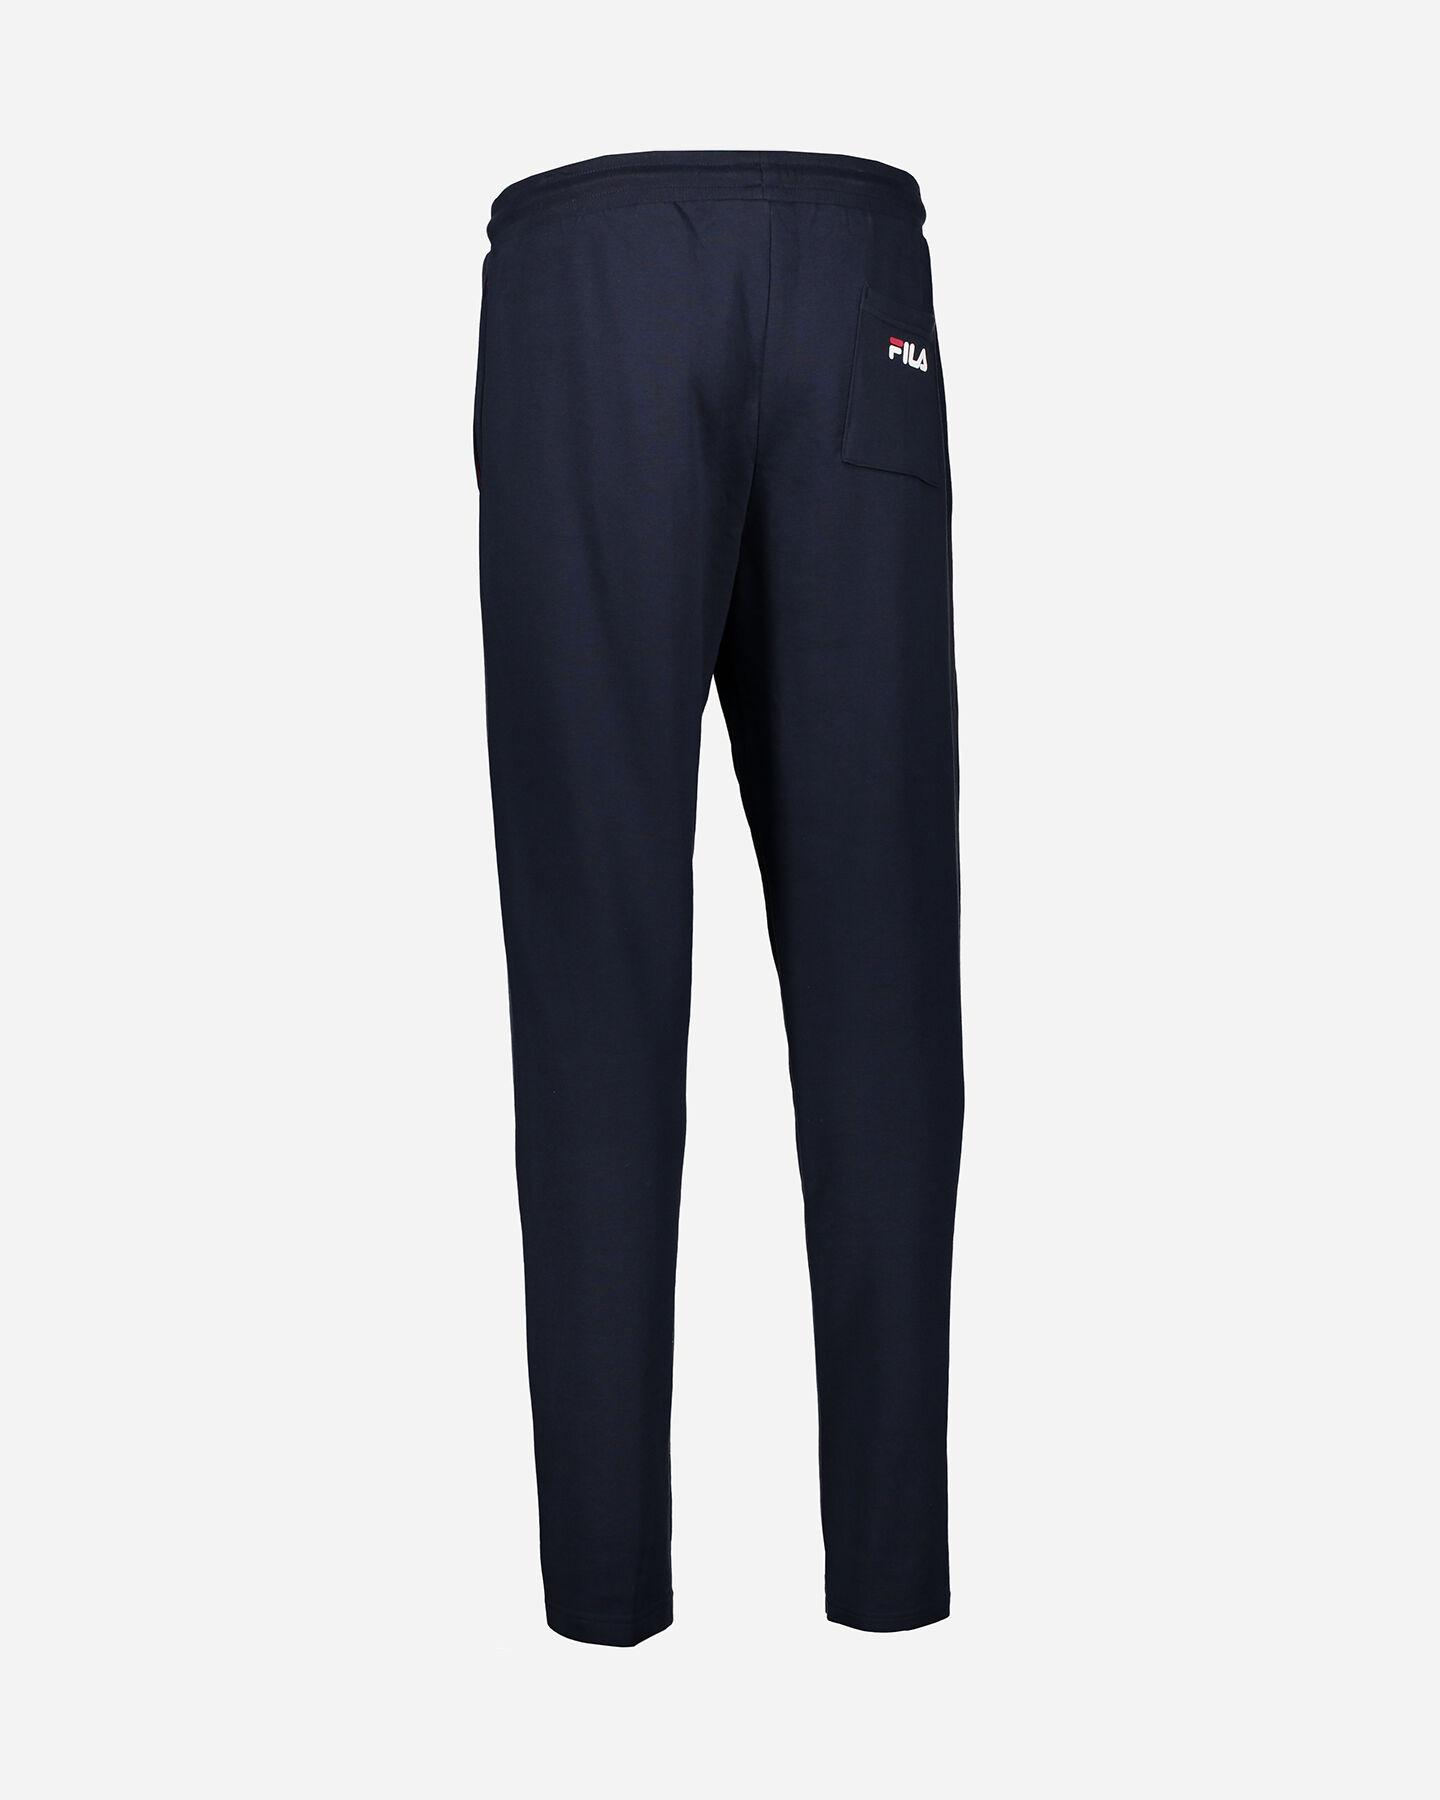 Pantalone FILA LOGO M S4067103 scatto 5